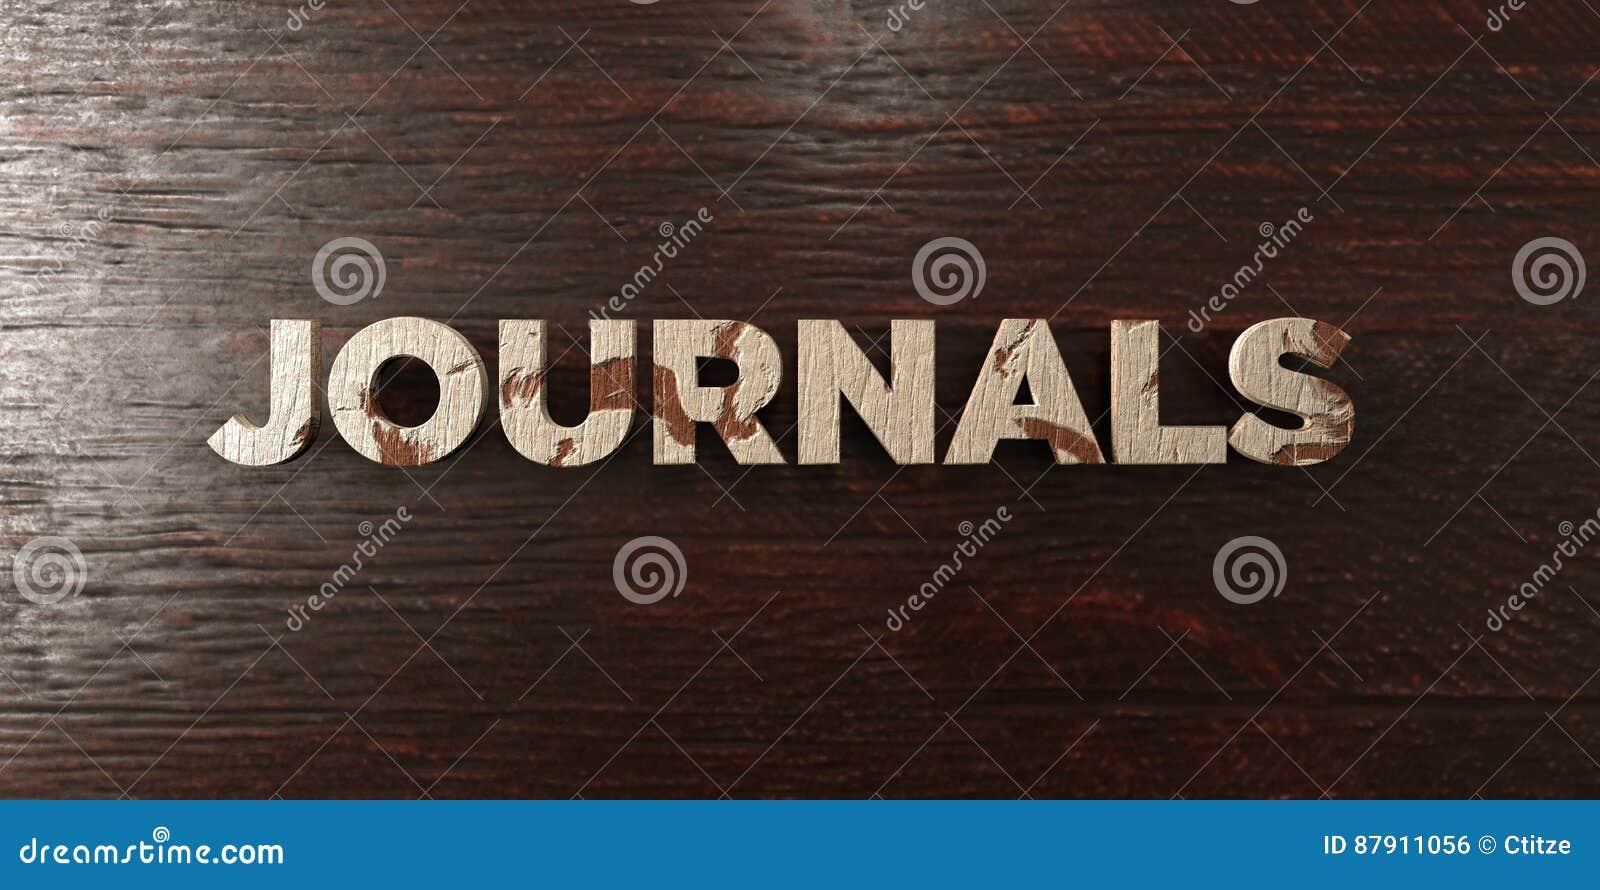 Журналы - grungy деревянный заголовок на клене - представленное 3D изображение неизрасходованного запаса королевской власти